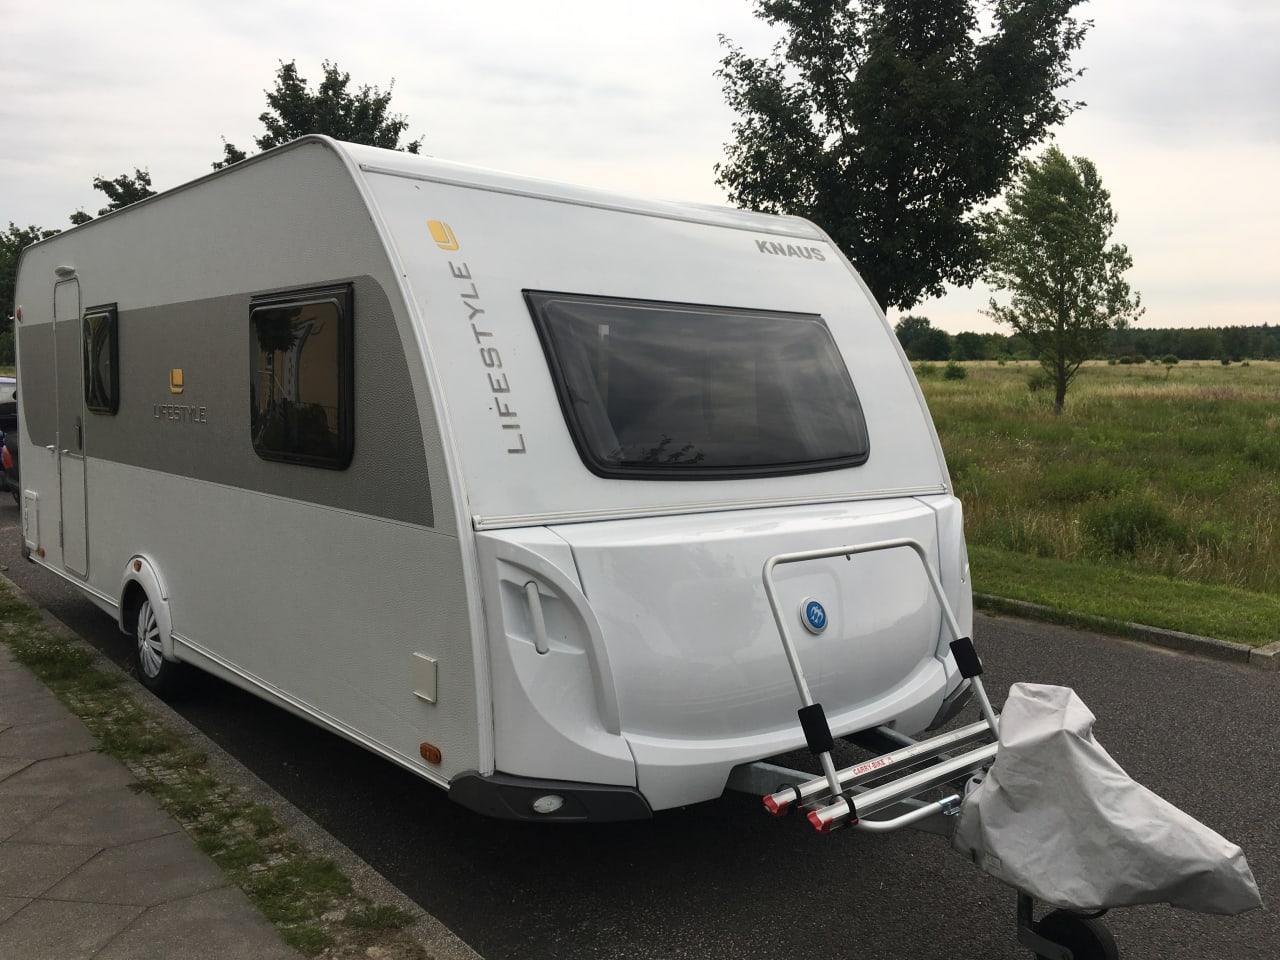 Leiter Etagenbett Wohnwagen : Hobby de luxe edition kmf modell wohnwagen mobile